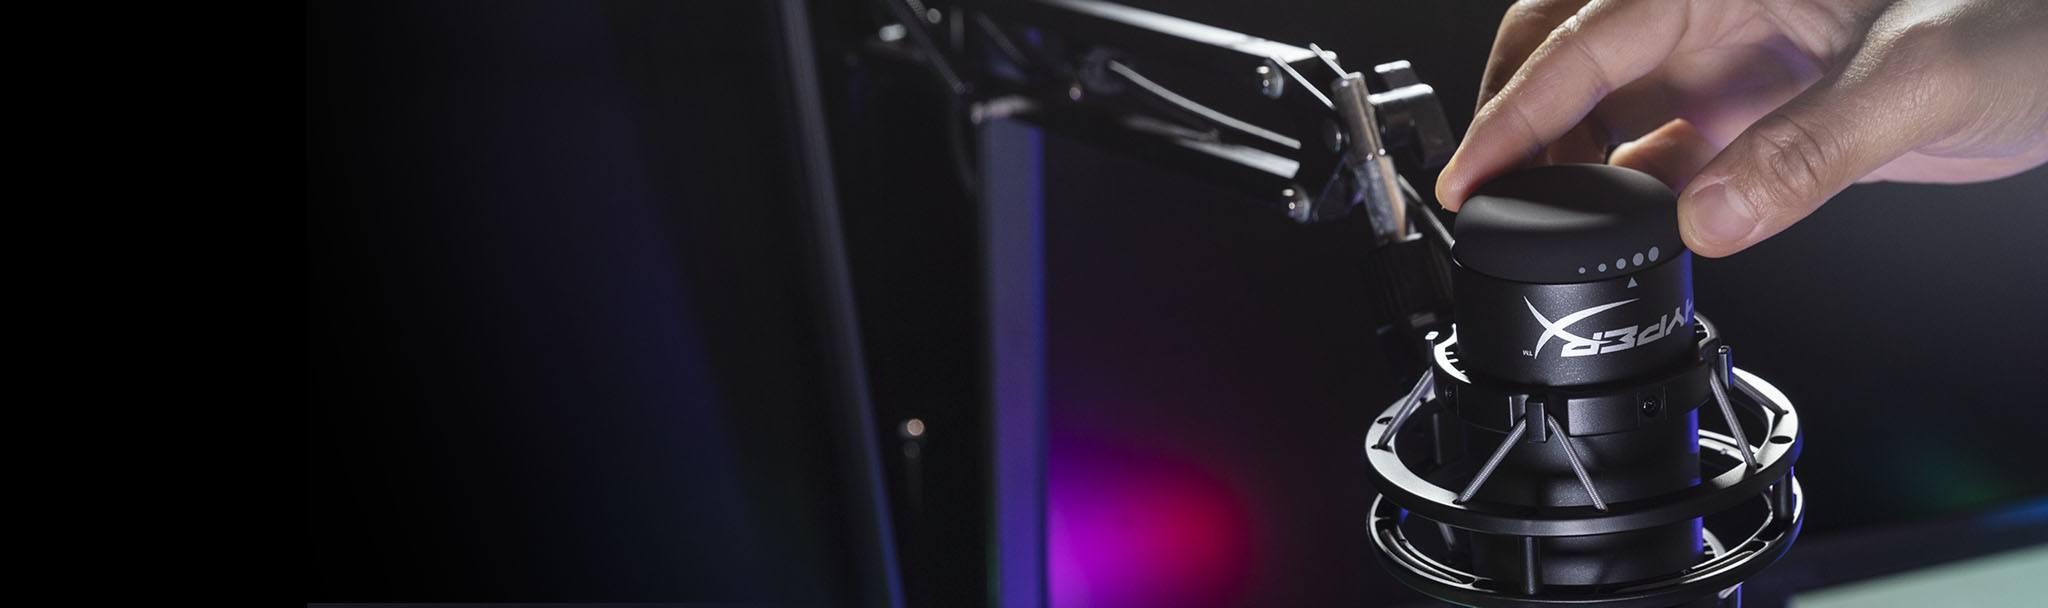 Microphone Kingston HyperX QuadCast S RGB - HMIQ1S-XX-RG/G có thể điều chỉnh độ nhạy dễ dàng